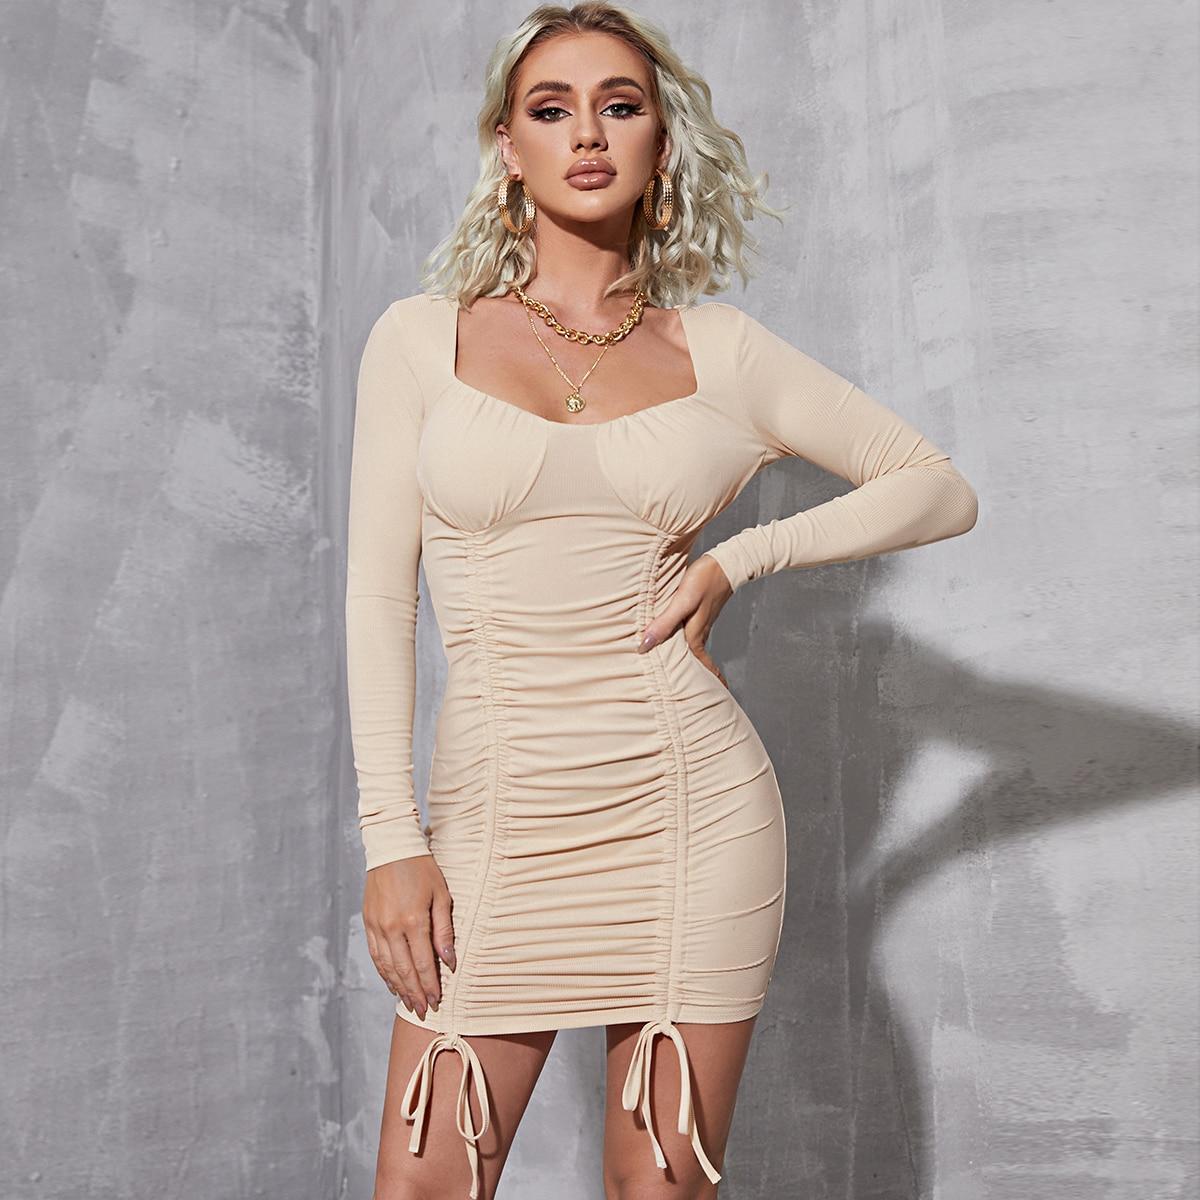 Облегающее платье с глубоким декольте на кулиске SheIn sw2106290712089657